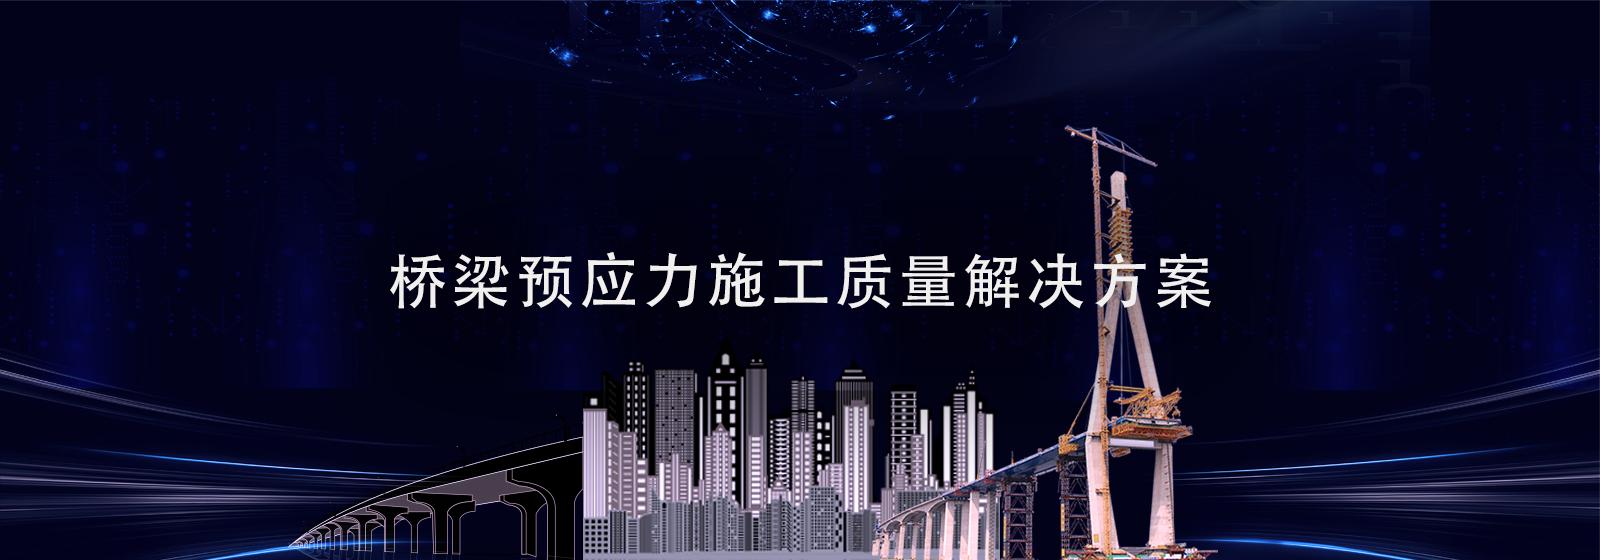 橋梁banner222